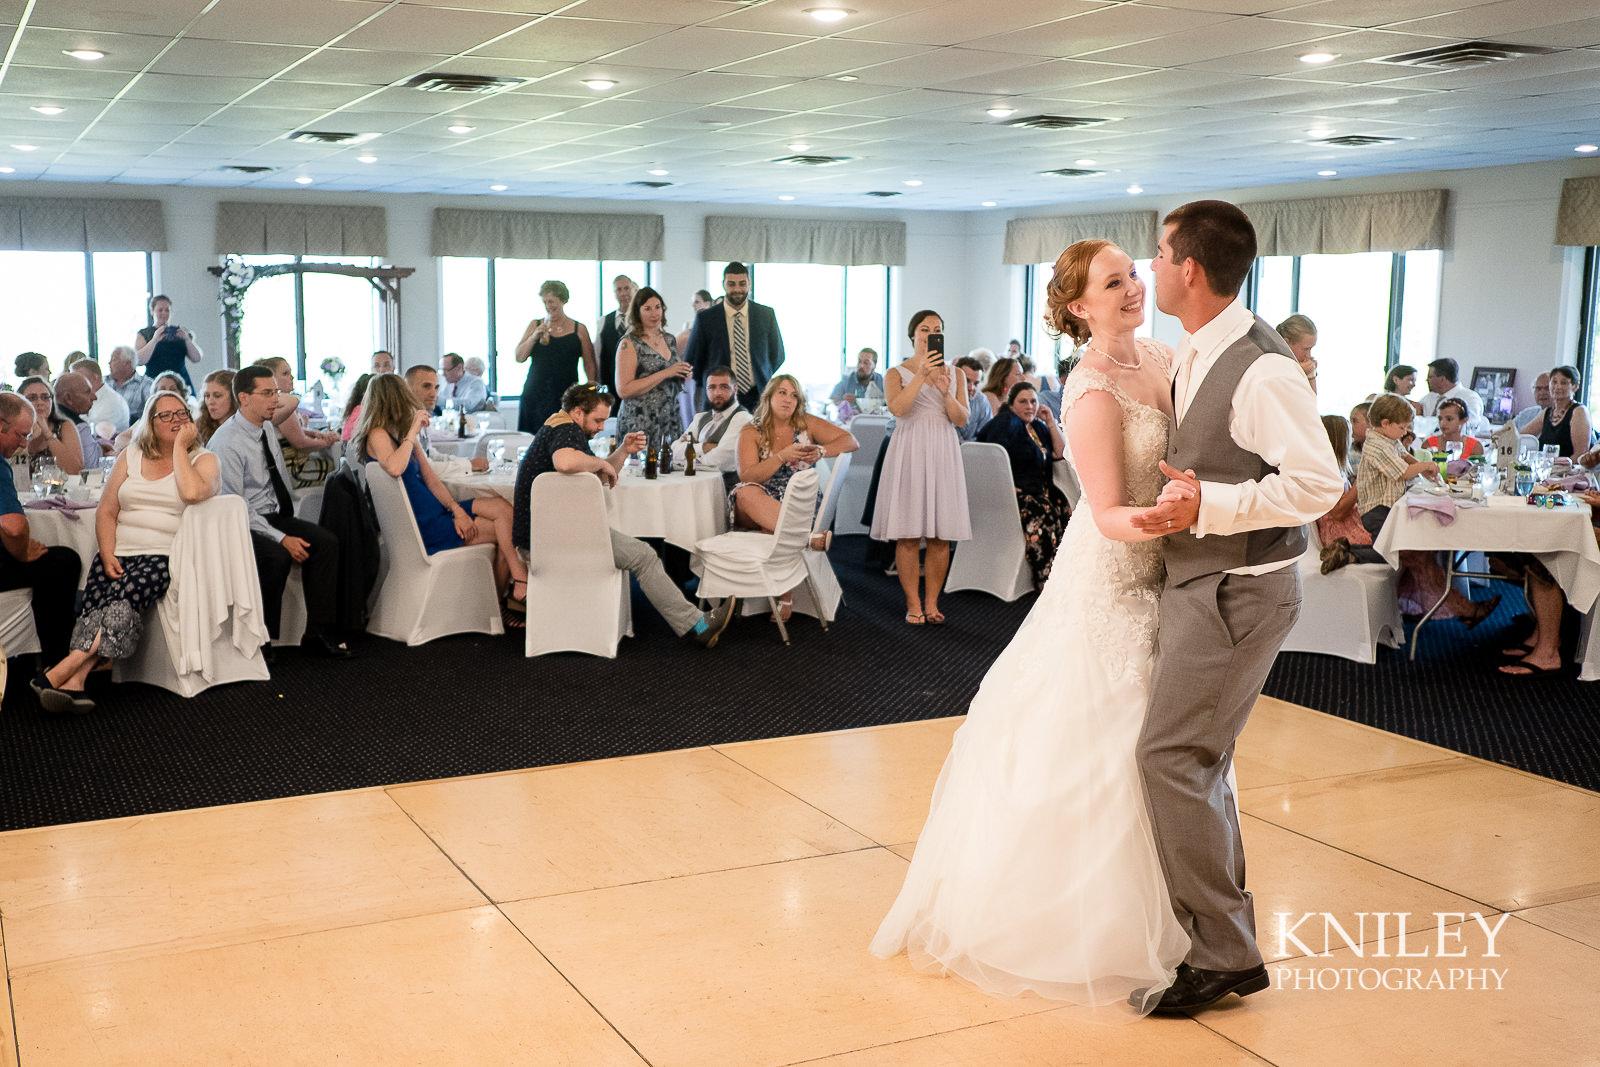 100 - Sodus Bay Heights Golf Club Wedding Pictures -XT2A4756.jpg